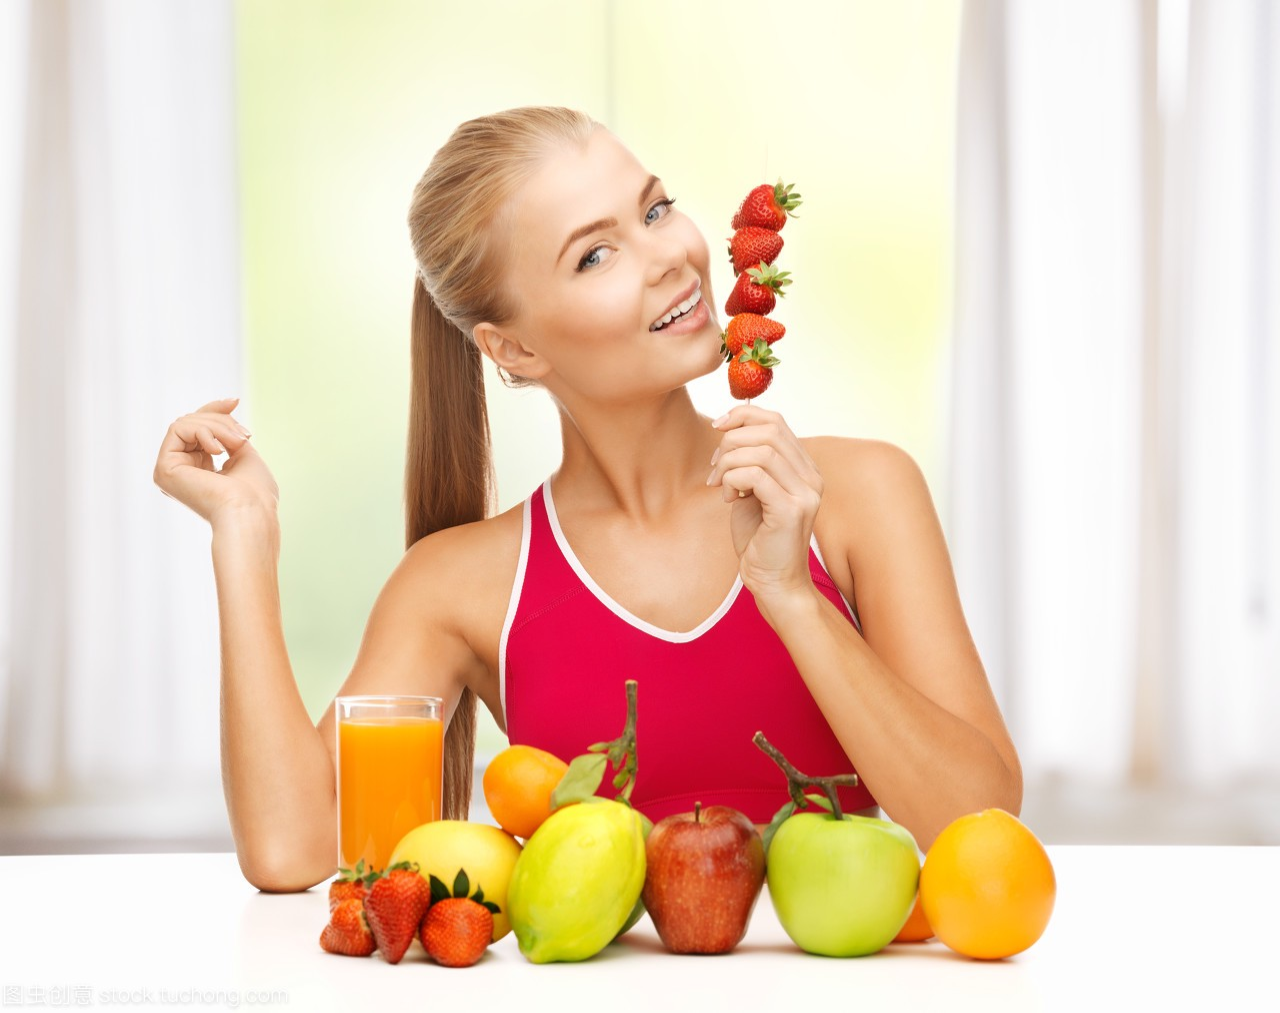 称身,串,瘦,苗条,有用,食粮,草莓,v有用,适应,有机美容院的局部瘦身食物吗图片